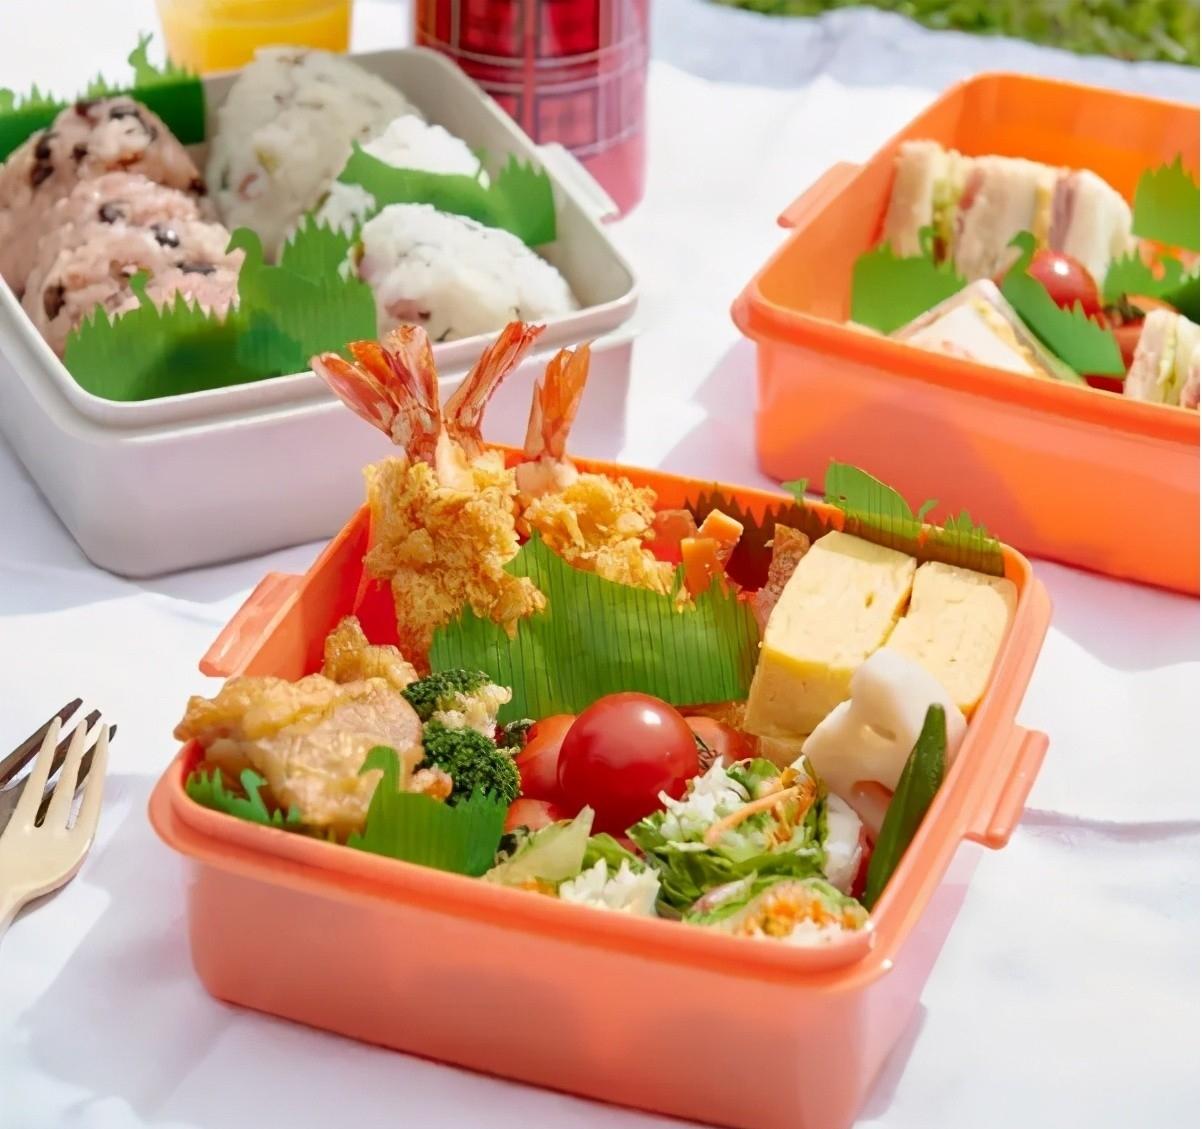 日料、日本便当盒里的绿色装饰物是什么?